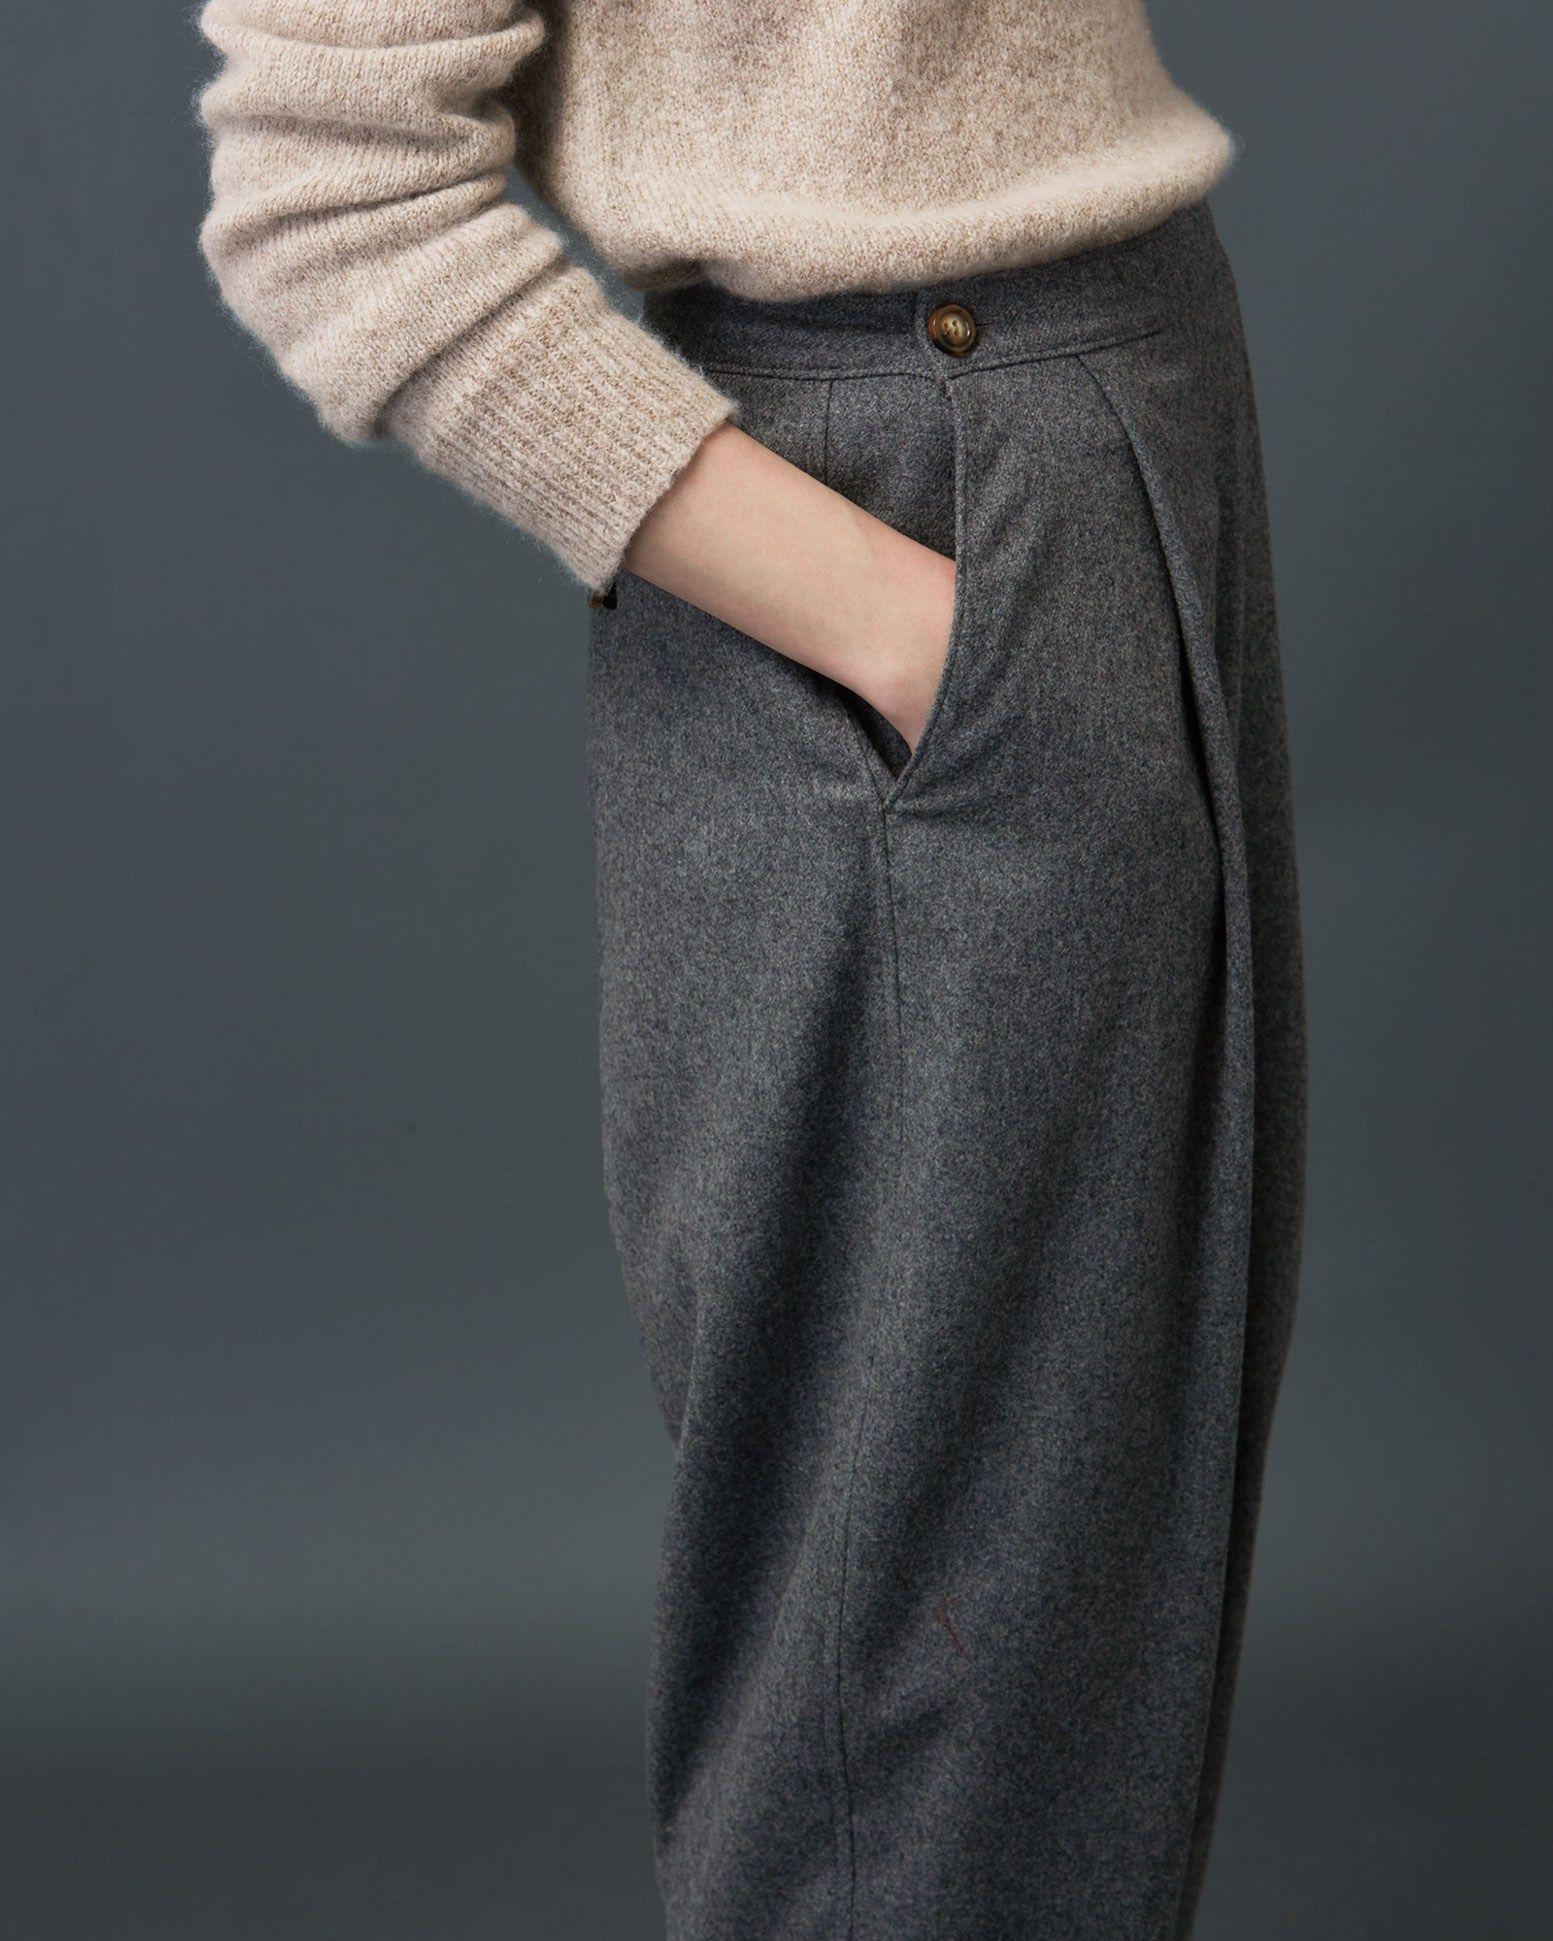 Photo of 15 Trendige Einfach Lässige Und Minimalistische Clother Für Mädchen Für Awesome Aussehen | Schonheit.info